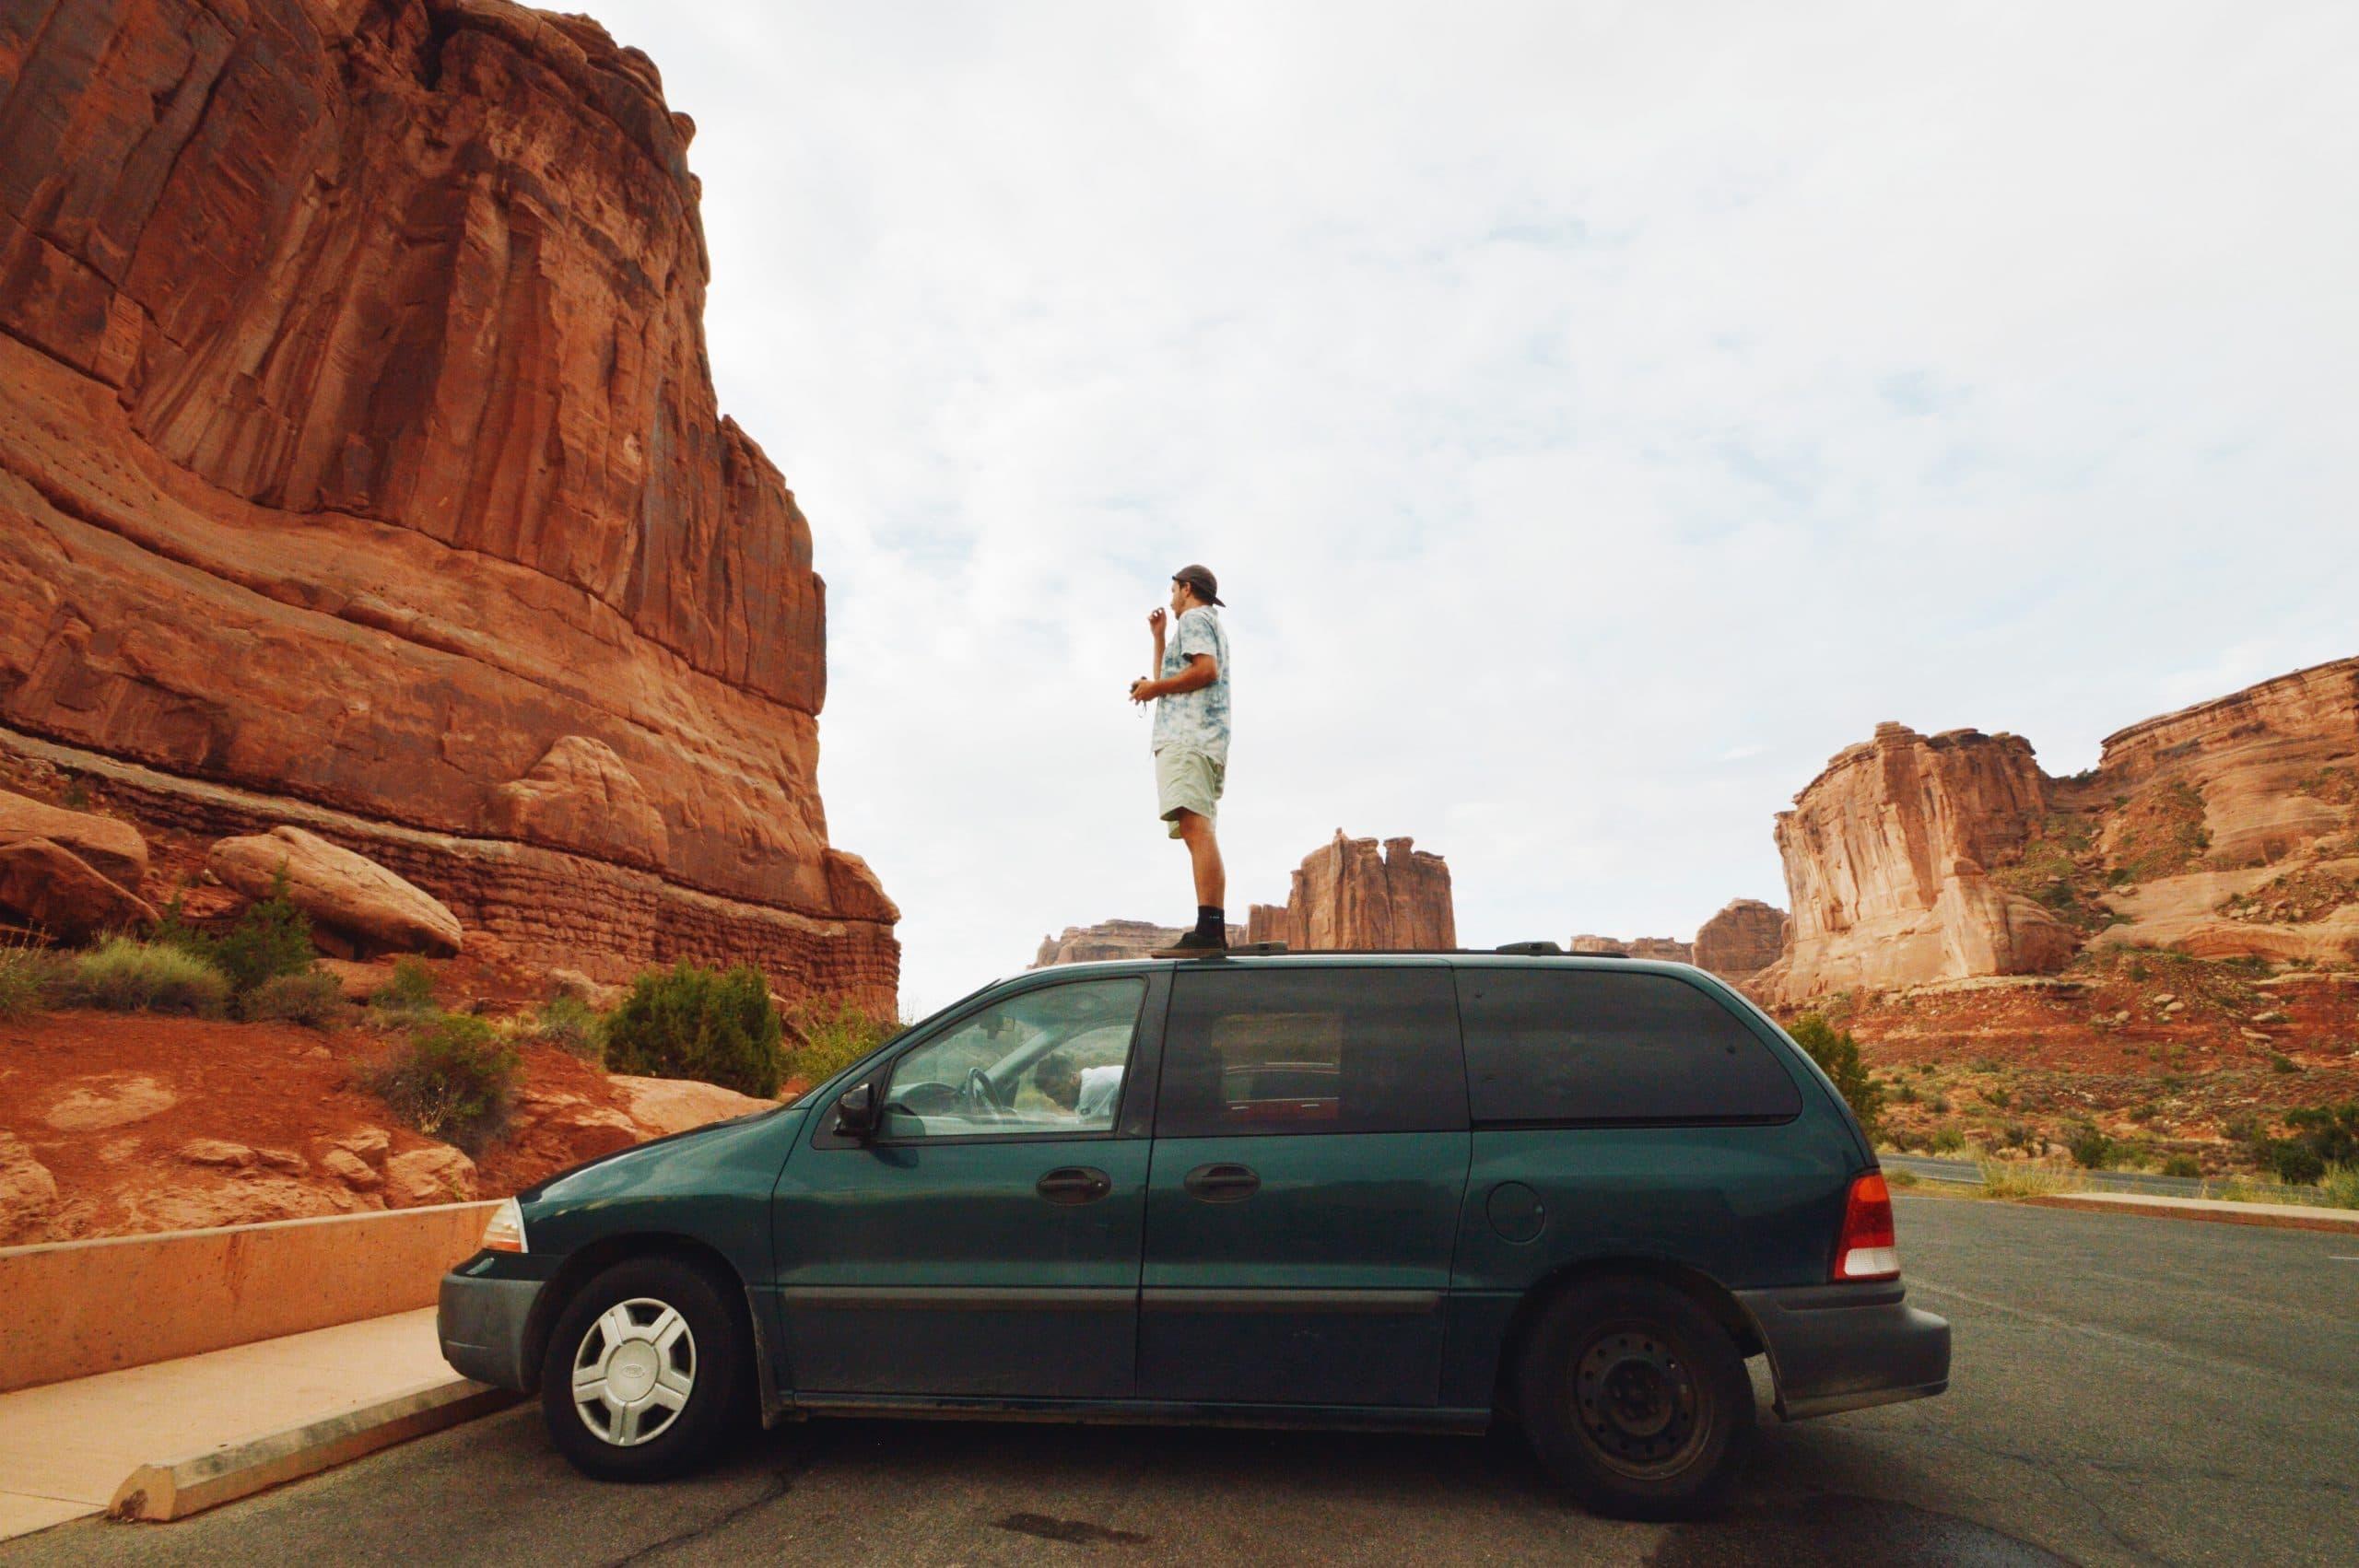 Man standing on top of green mini van